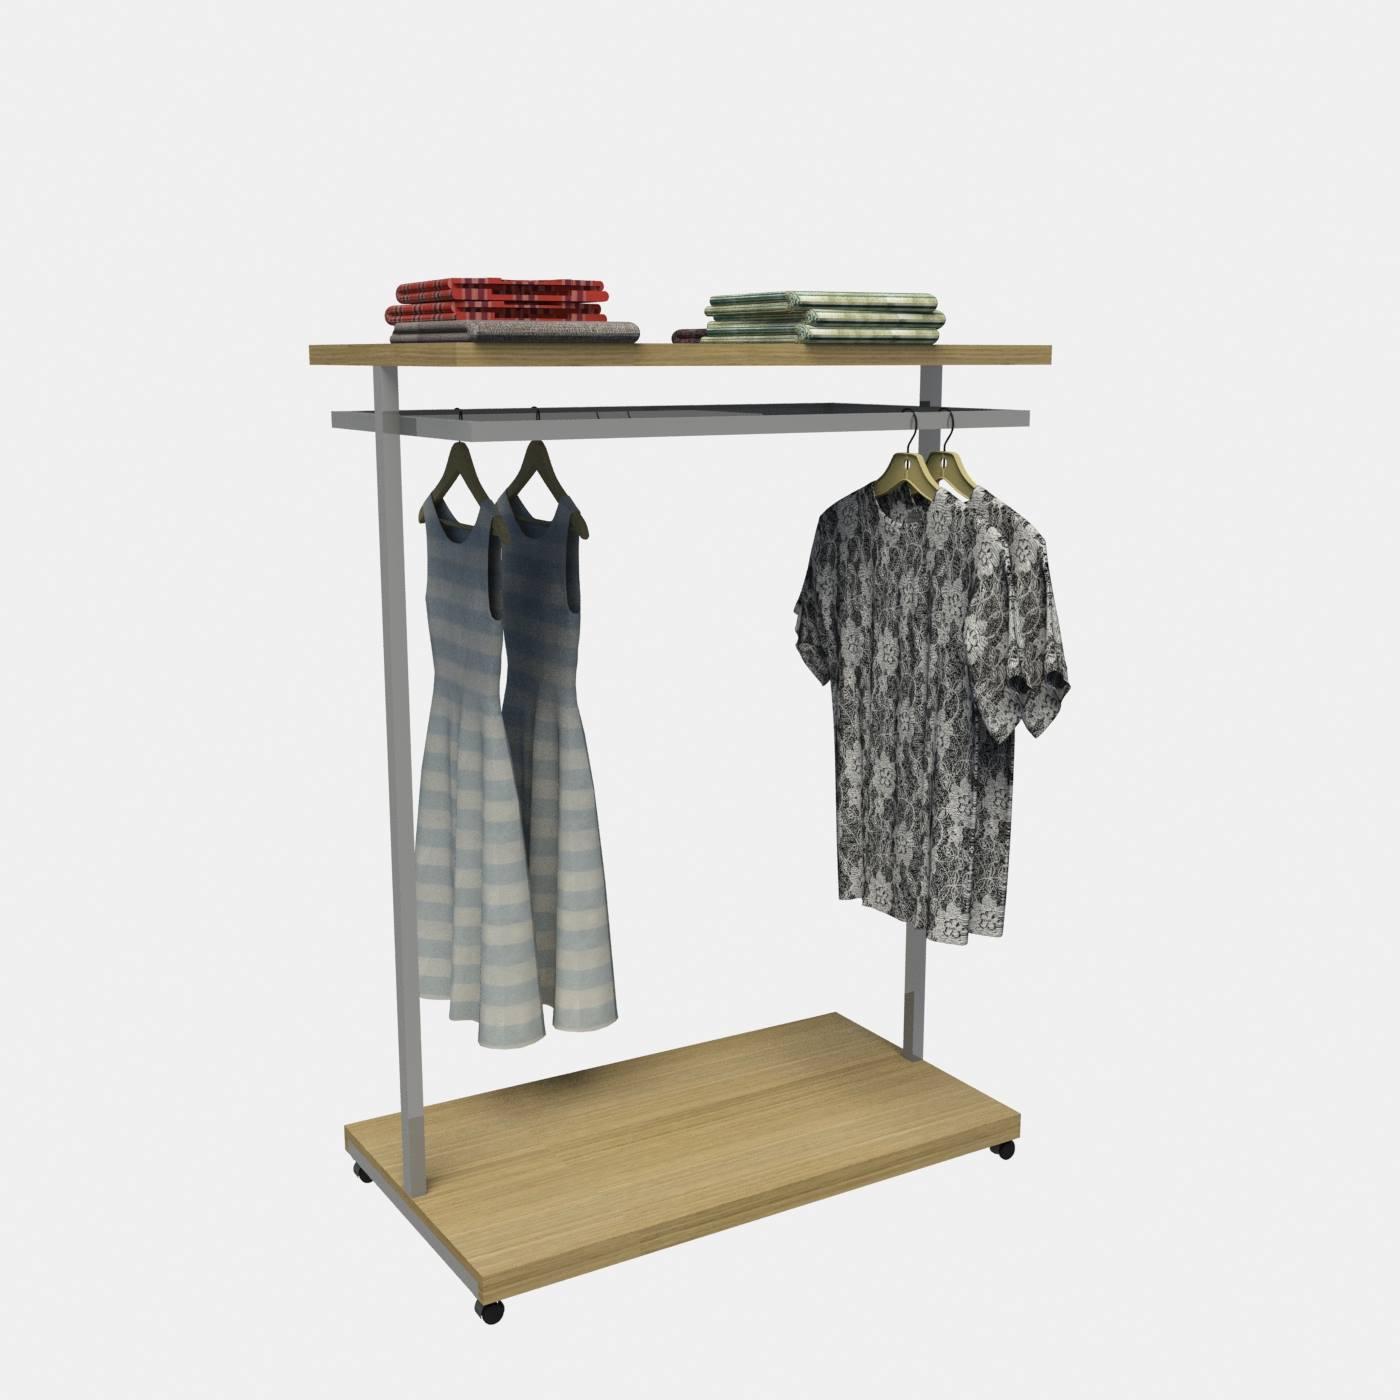 2cf5d0ae37b Σταντ ένδυσης εξοπλισμός καταστημάτων ρούχων ενδυμάτων μεταλλικά σταντ  καταστήματος